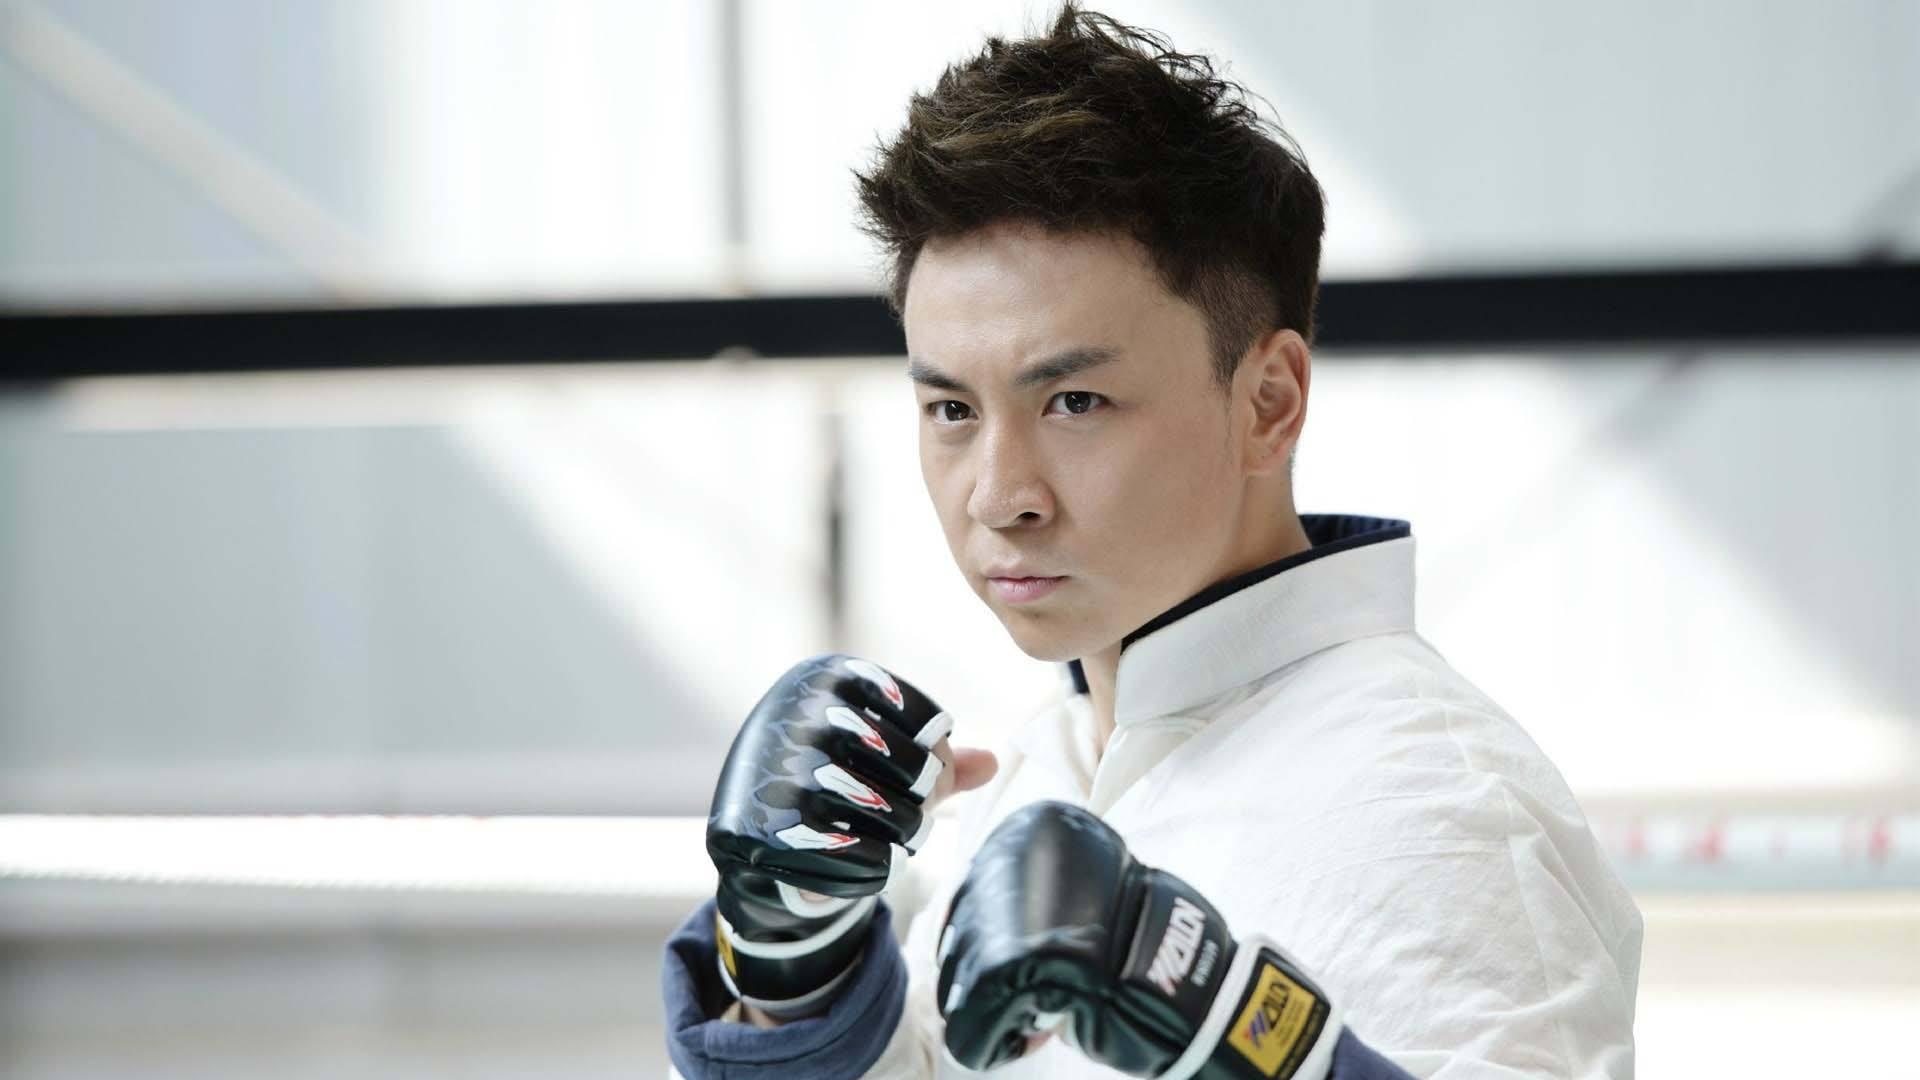 战狼2破42亿吴京成巨星,还有八位功夫明星待爆发